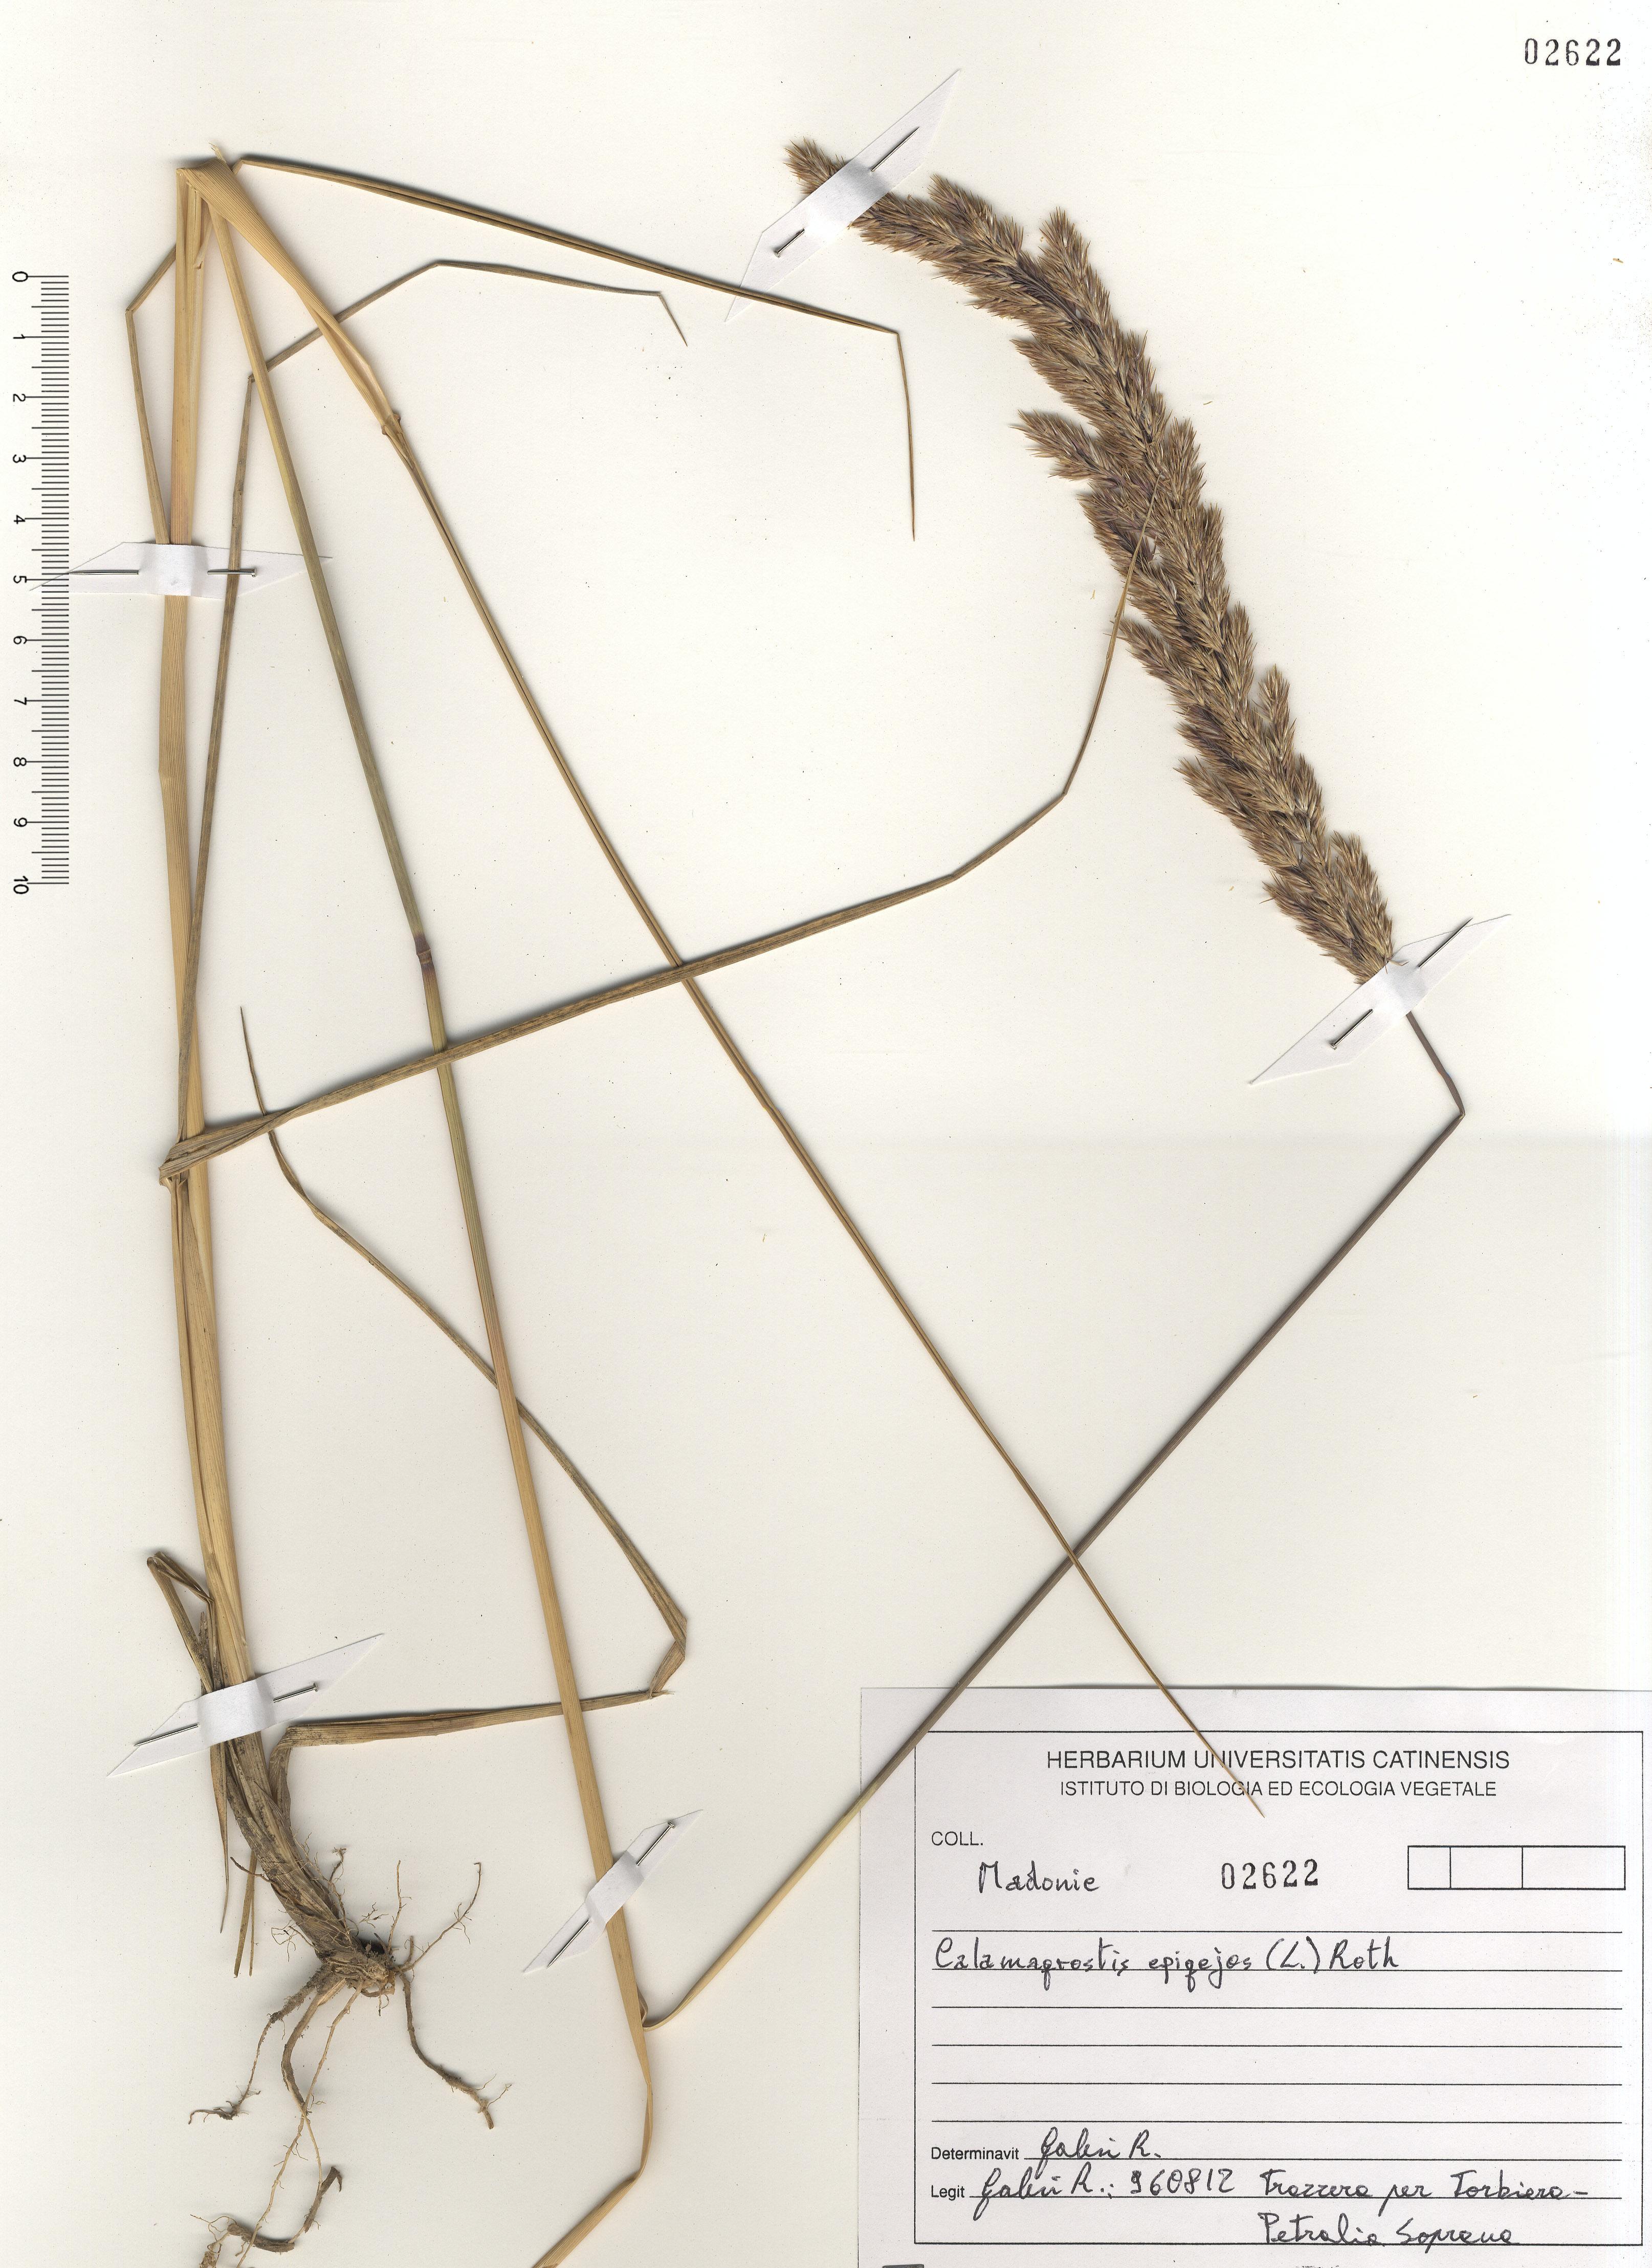 © Hortus Botanicus Catinensis - Herb. sheet 102622<br>